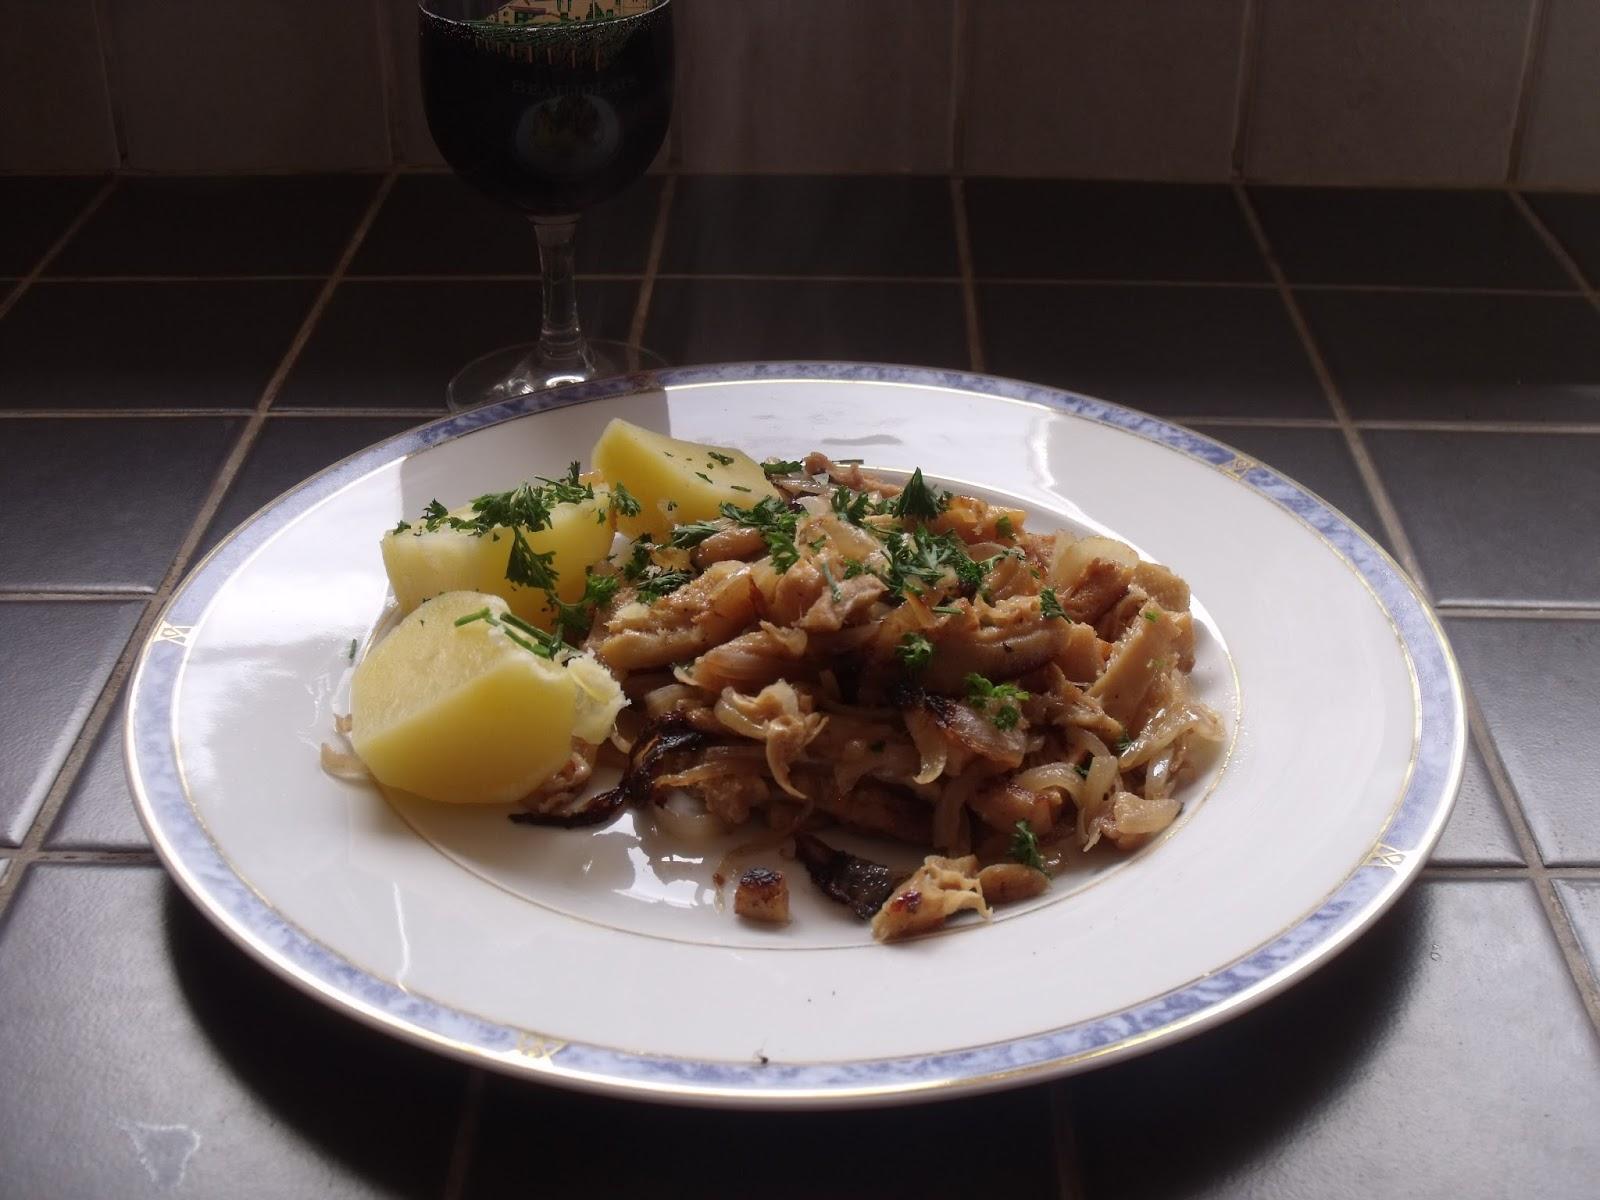 Cuisine de famille recette tripes la lyonnaise - Tripes a la lyonnaise ...